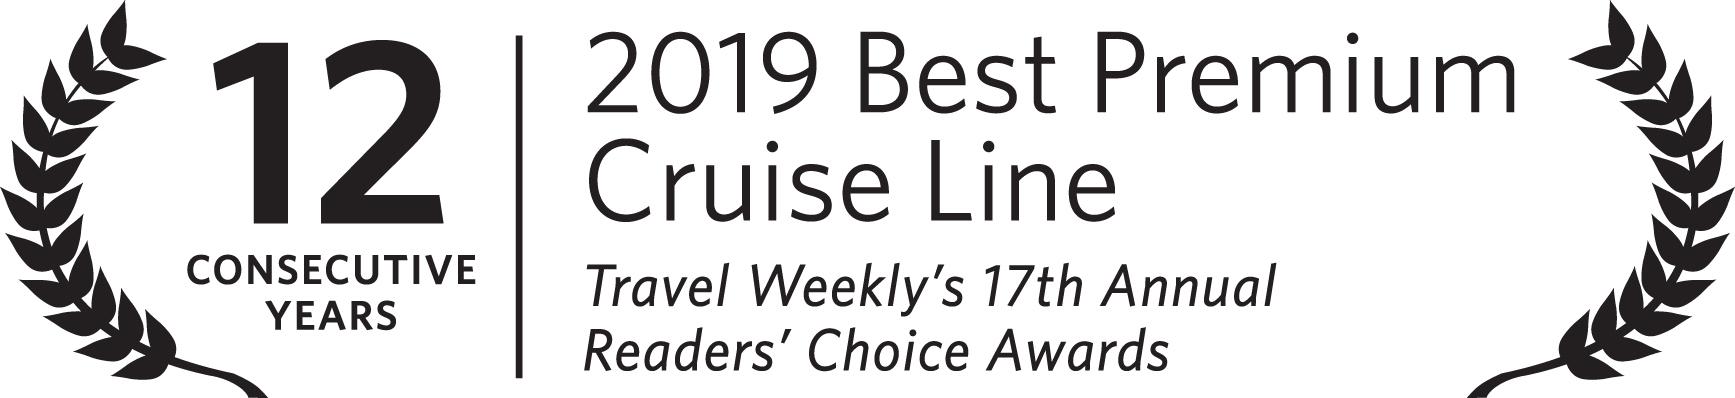 2019 Best Premium Cruise Line